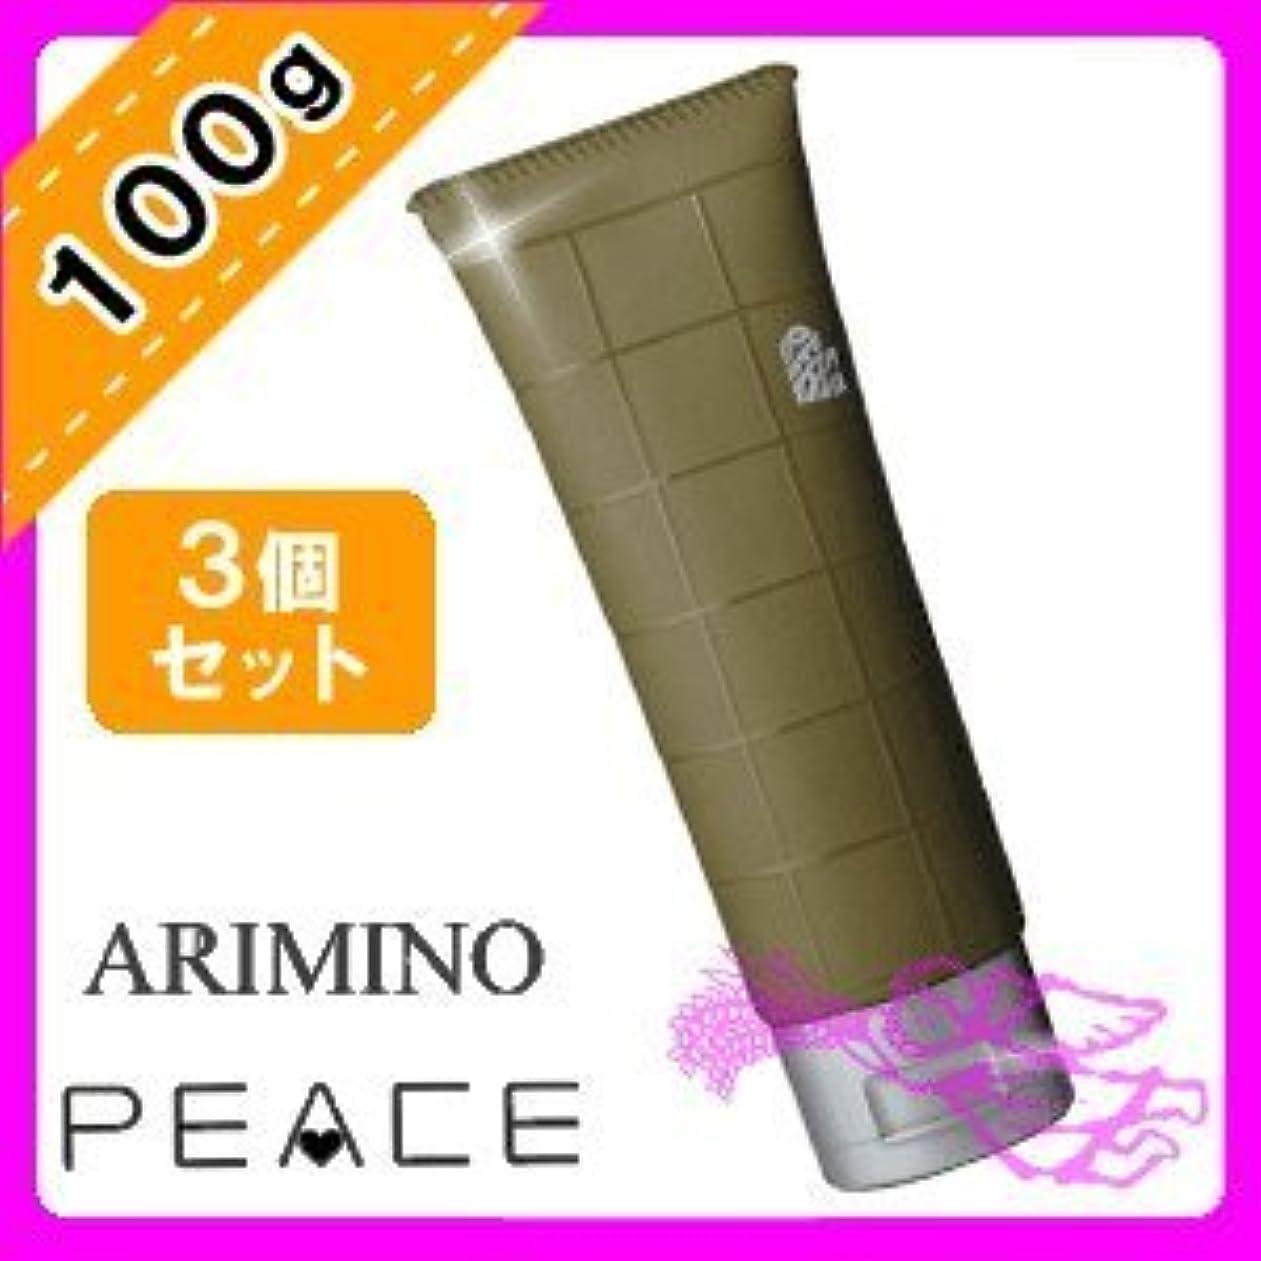 蒸発ペンサンプルアリミノ ピース ウェットオイル ワックス 100g ×3個セット arimino PEACE